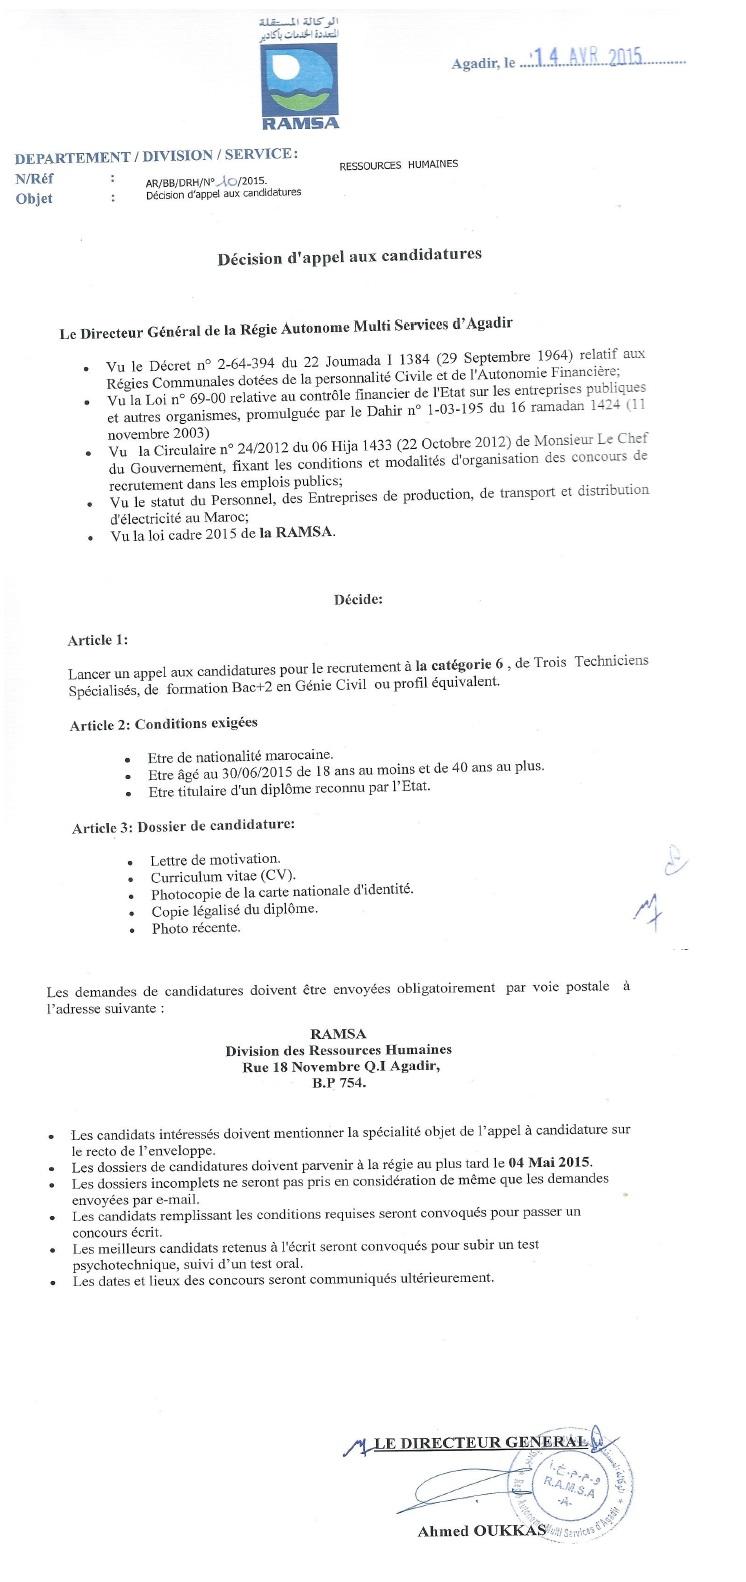 الوكالة المستقلة المتعددة الخدمات بأكادير : مباراة لتوظيف تقني (10 مناصب) آخر أجل لإيداع الترشيحات 4 ماي 2015 Concou60